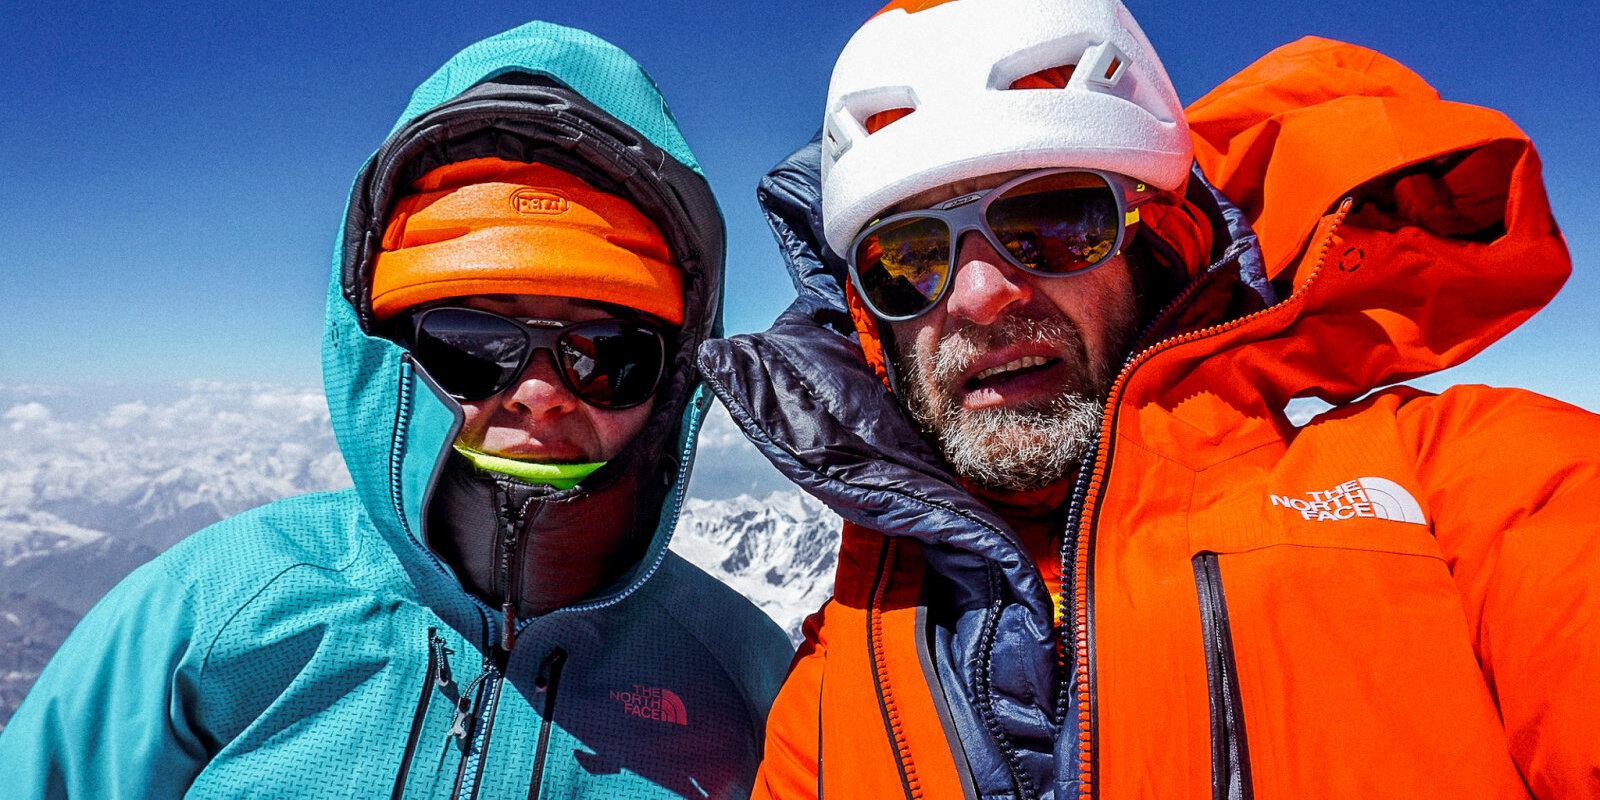 Не дай вам бог так работать, как мы отдыхаем. Как живут альпинисты Кристап и Кристине Лиепини